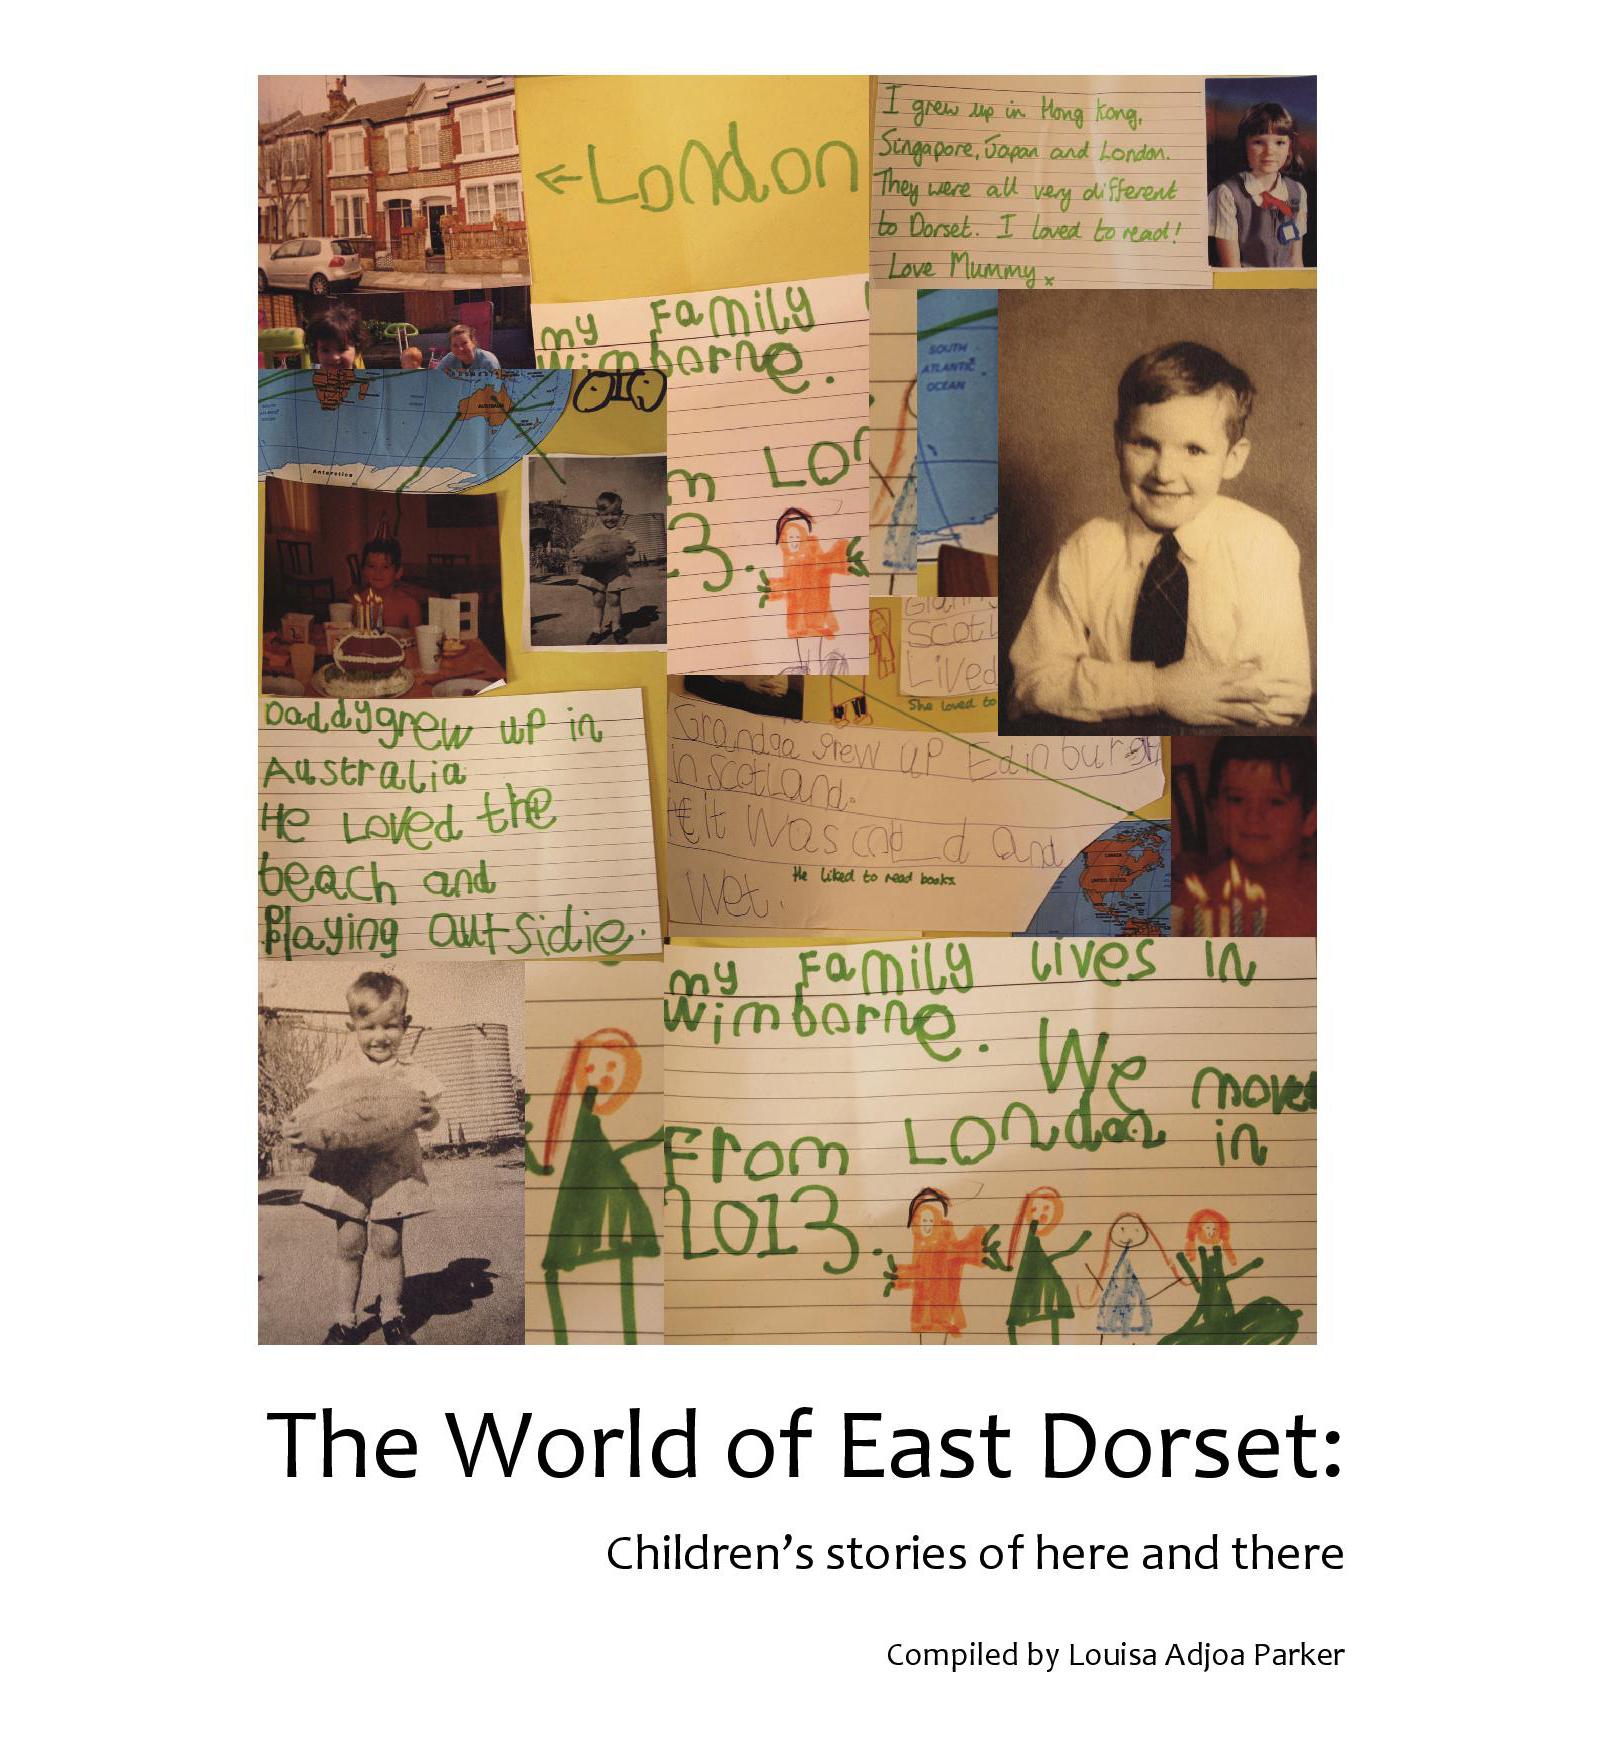 World-of-East-Dorset-Book-Cover.jpg